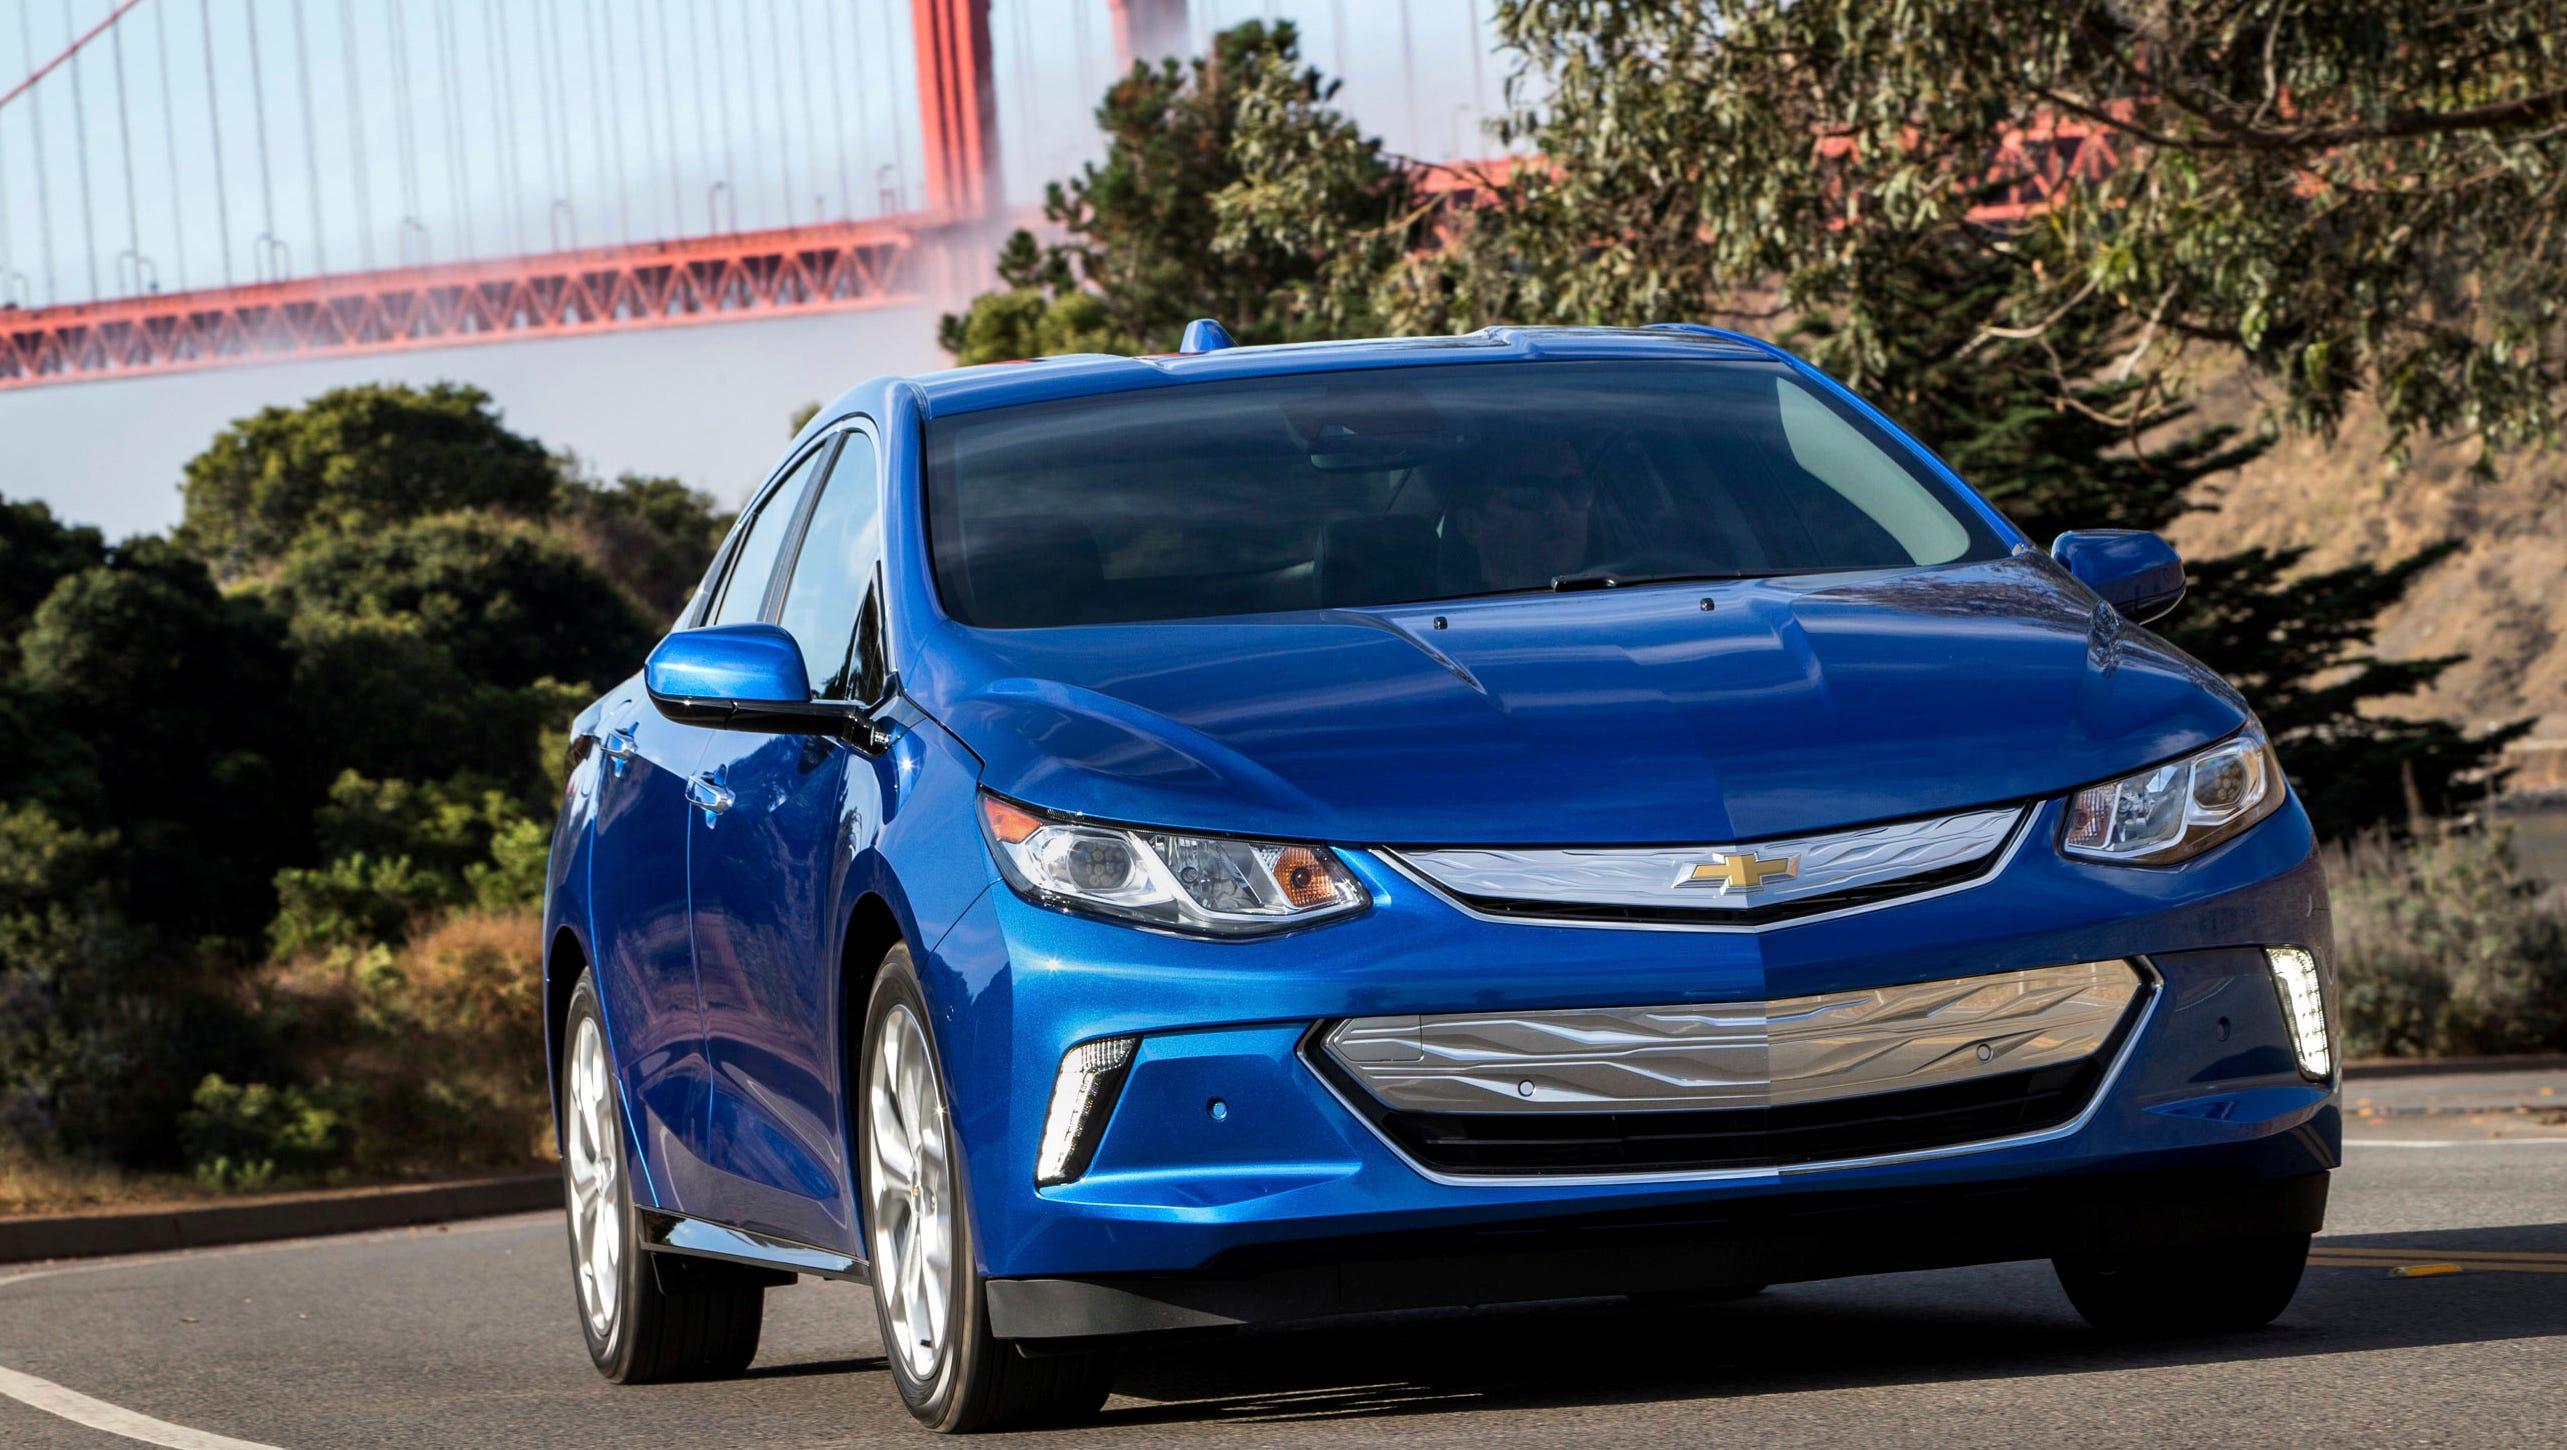 Gm To Kill Chevrolet Volt Cruze Impala Passenger Cars